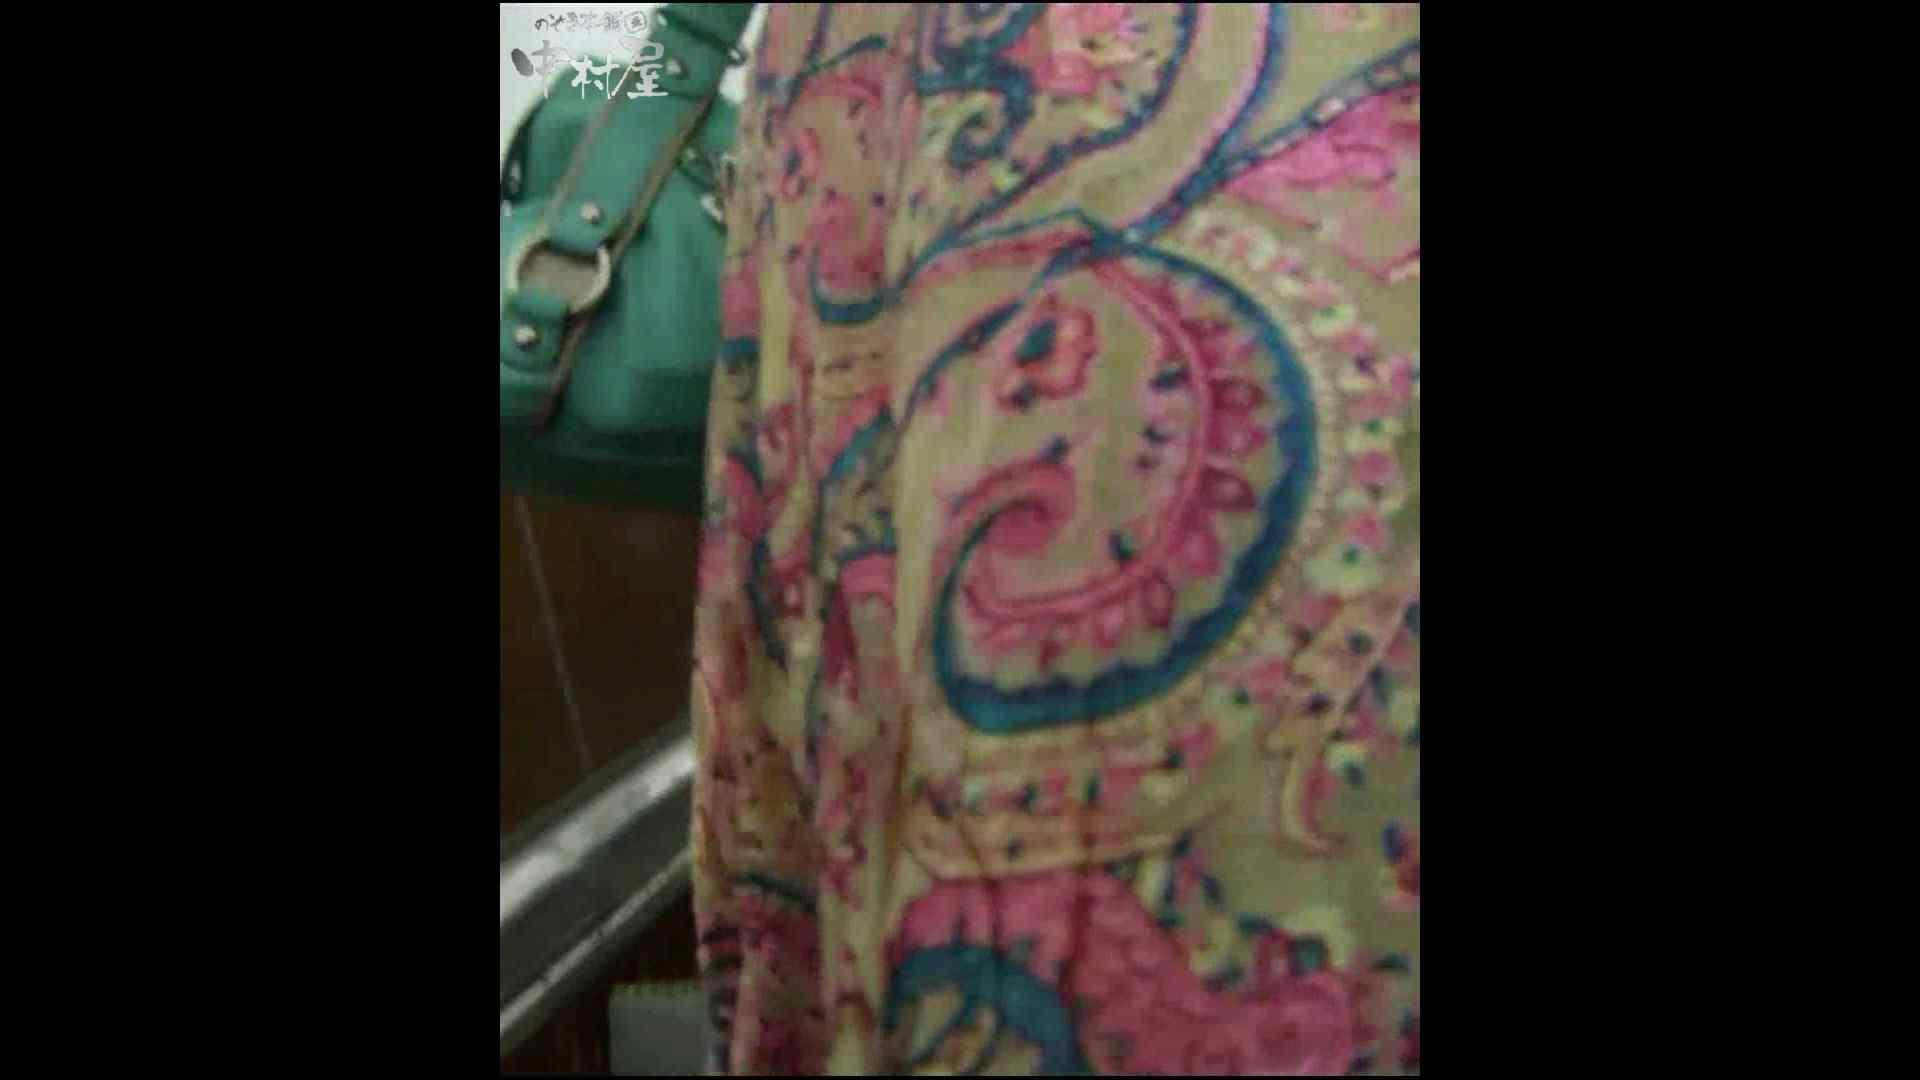 綺麗なモデルさんのスカート捲っちゃおう‼ vol11 お姉さんヌード  94画像 46